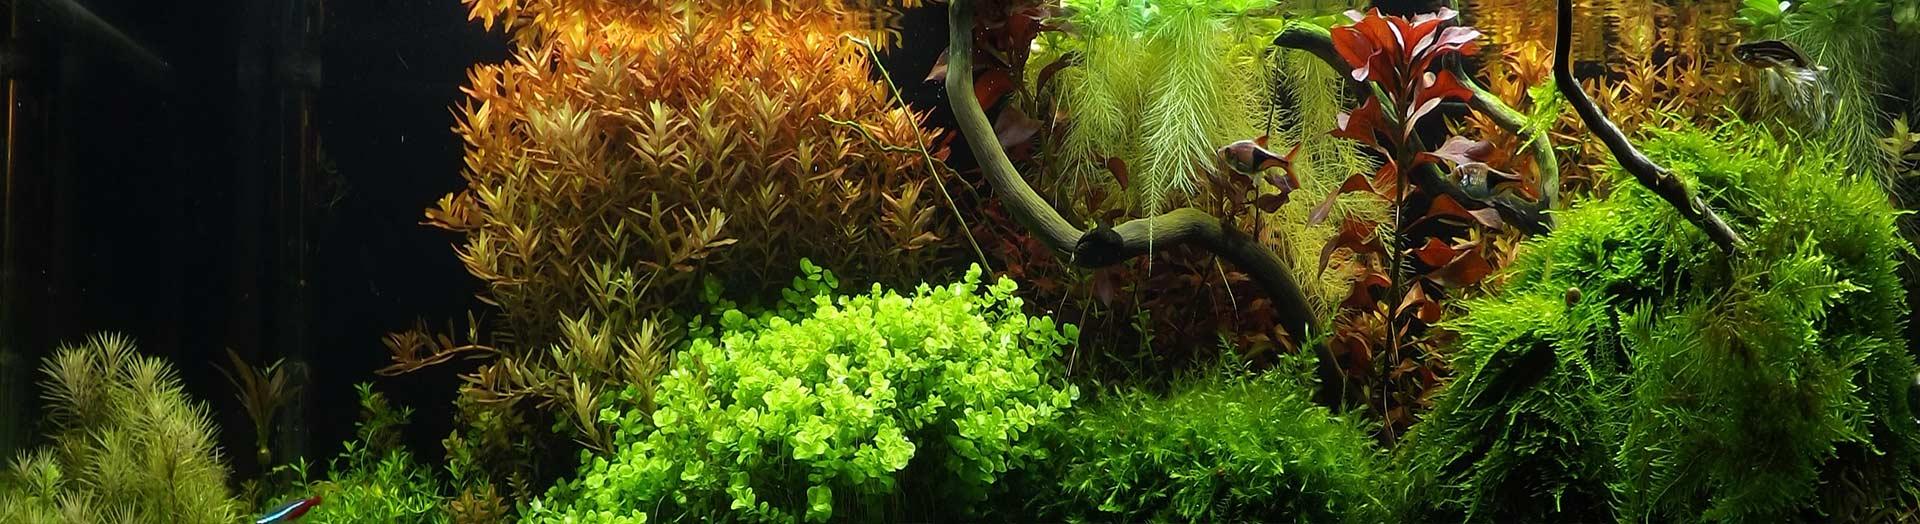 Освещение для аквариумов с растениями